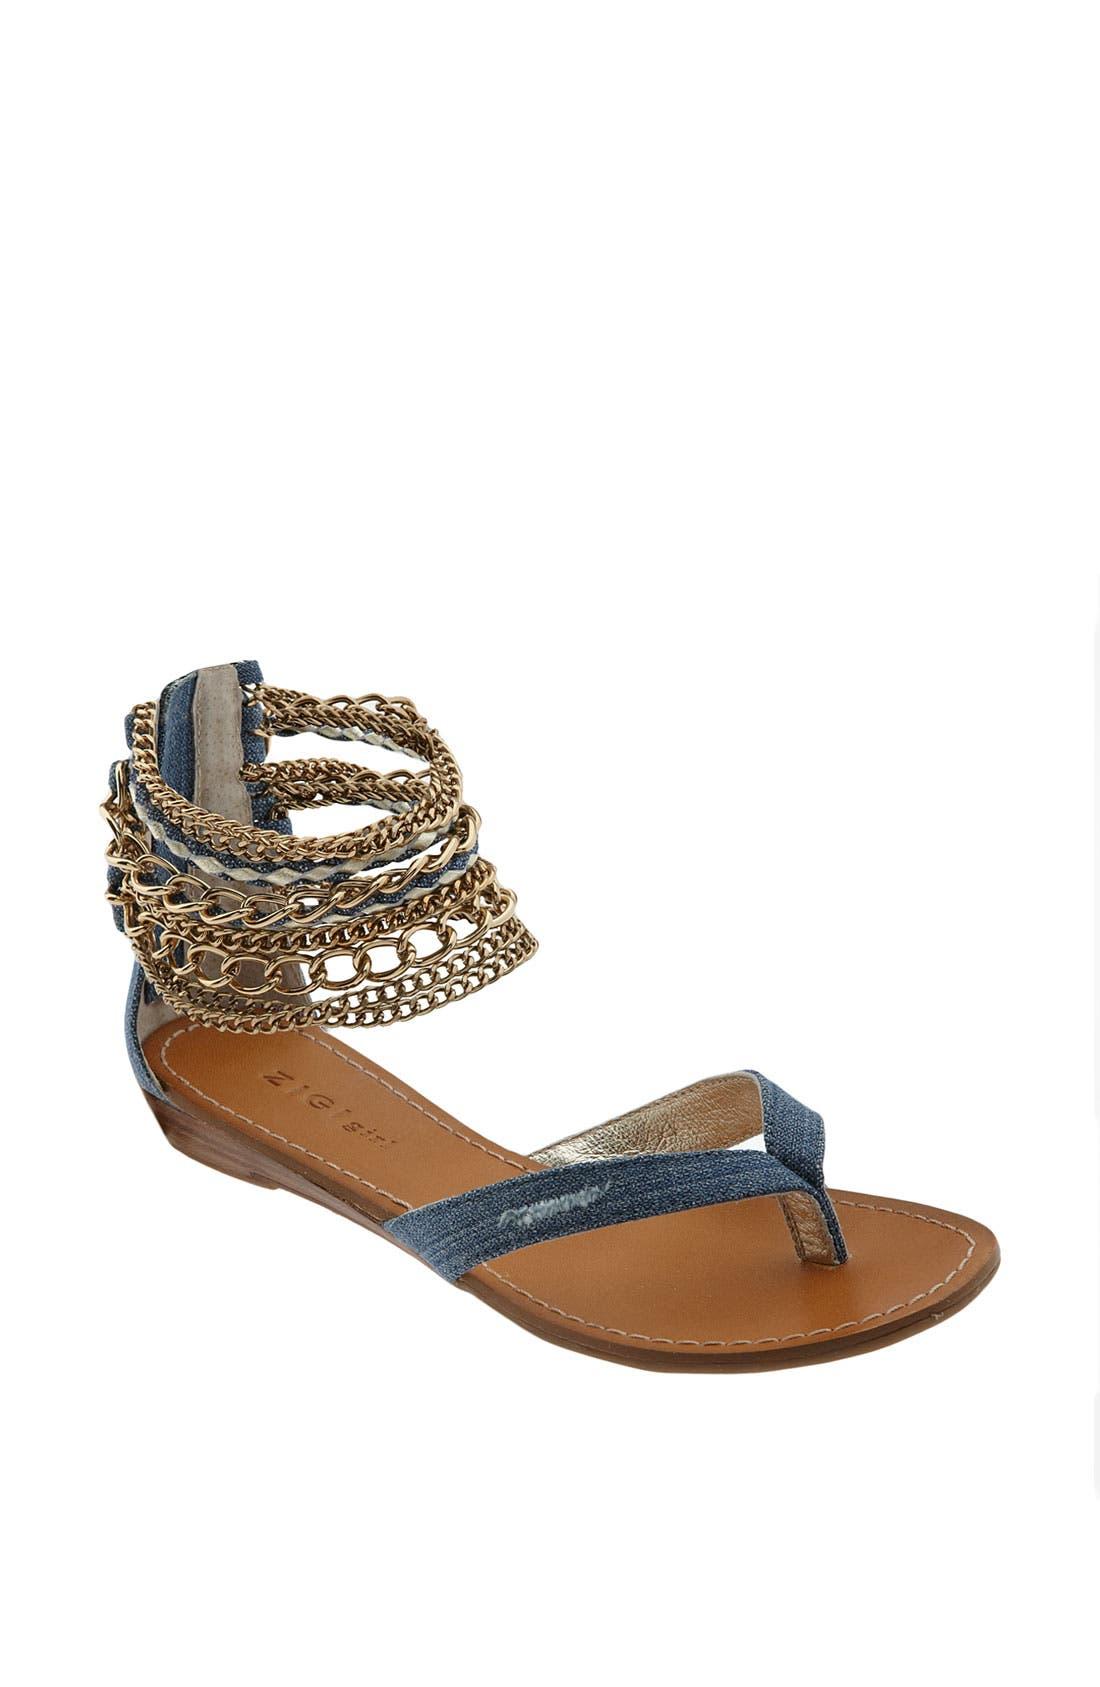 Alternate Image 1 Selected - ZiGi girl 'To Die For' Sandal